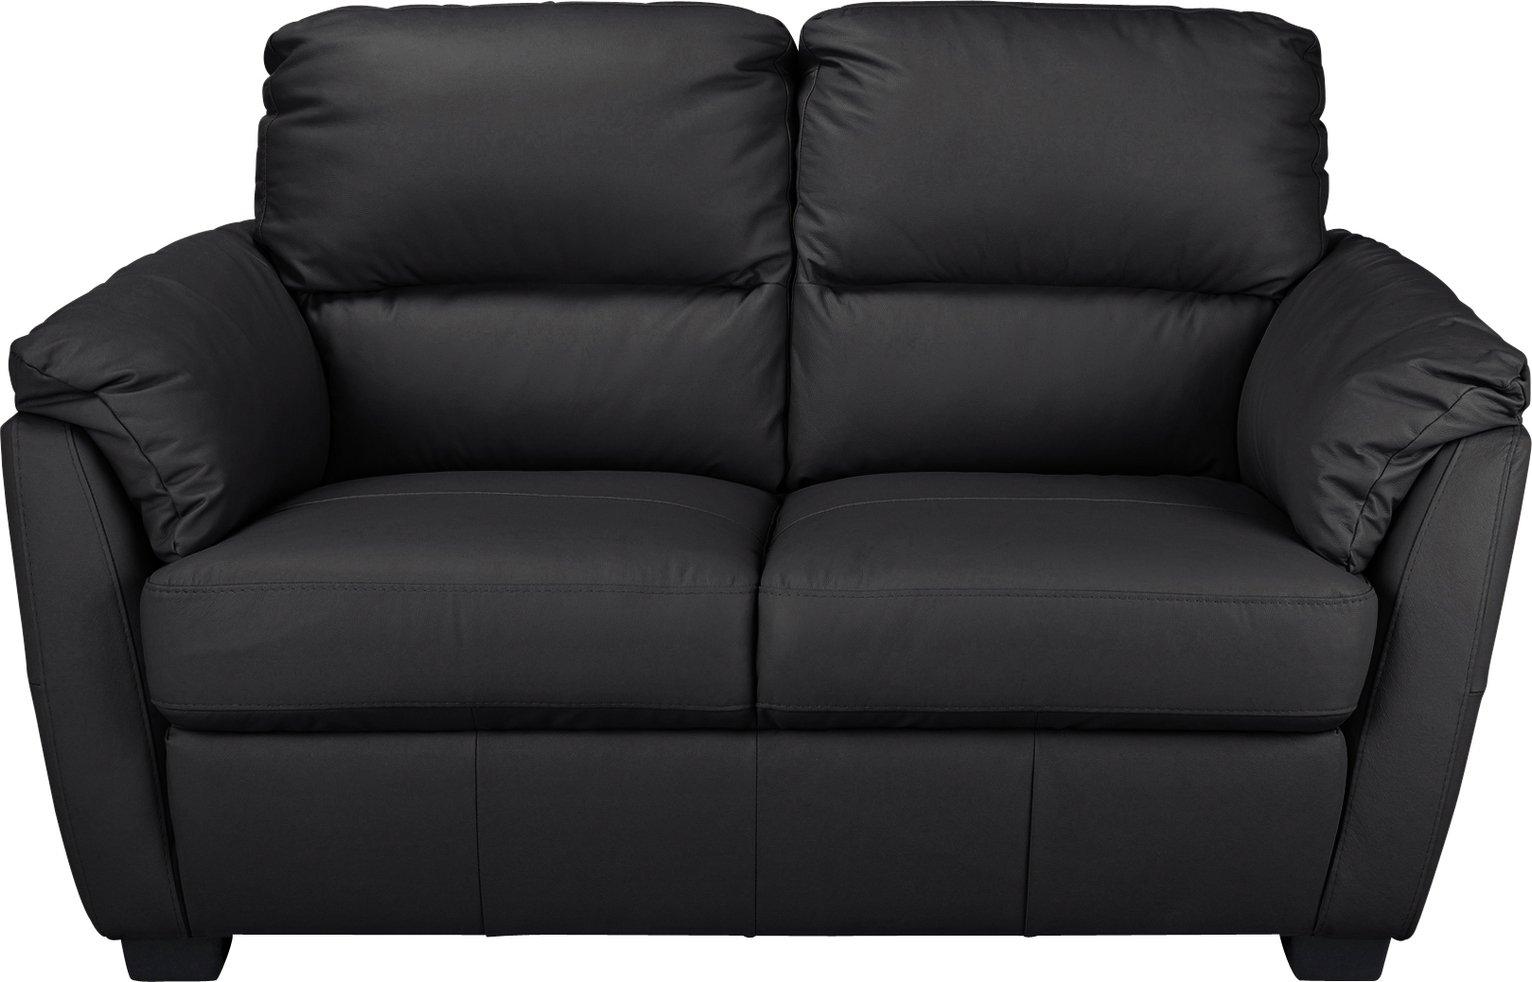 Argos Home Trieste 2 Seater Leather Sofa - Black